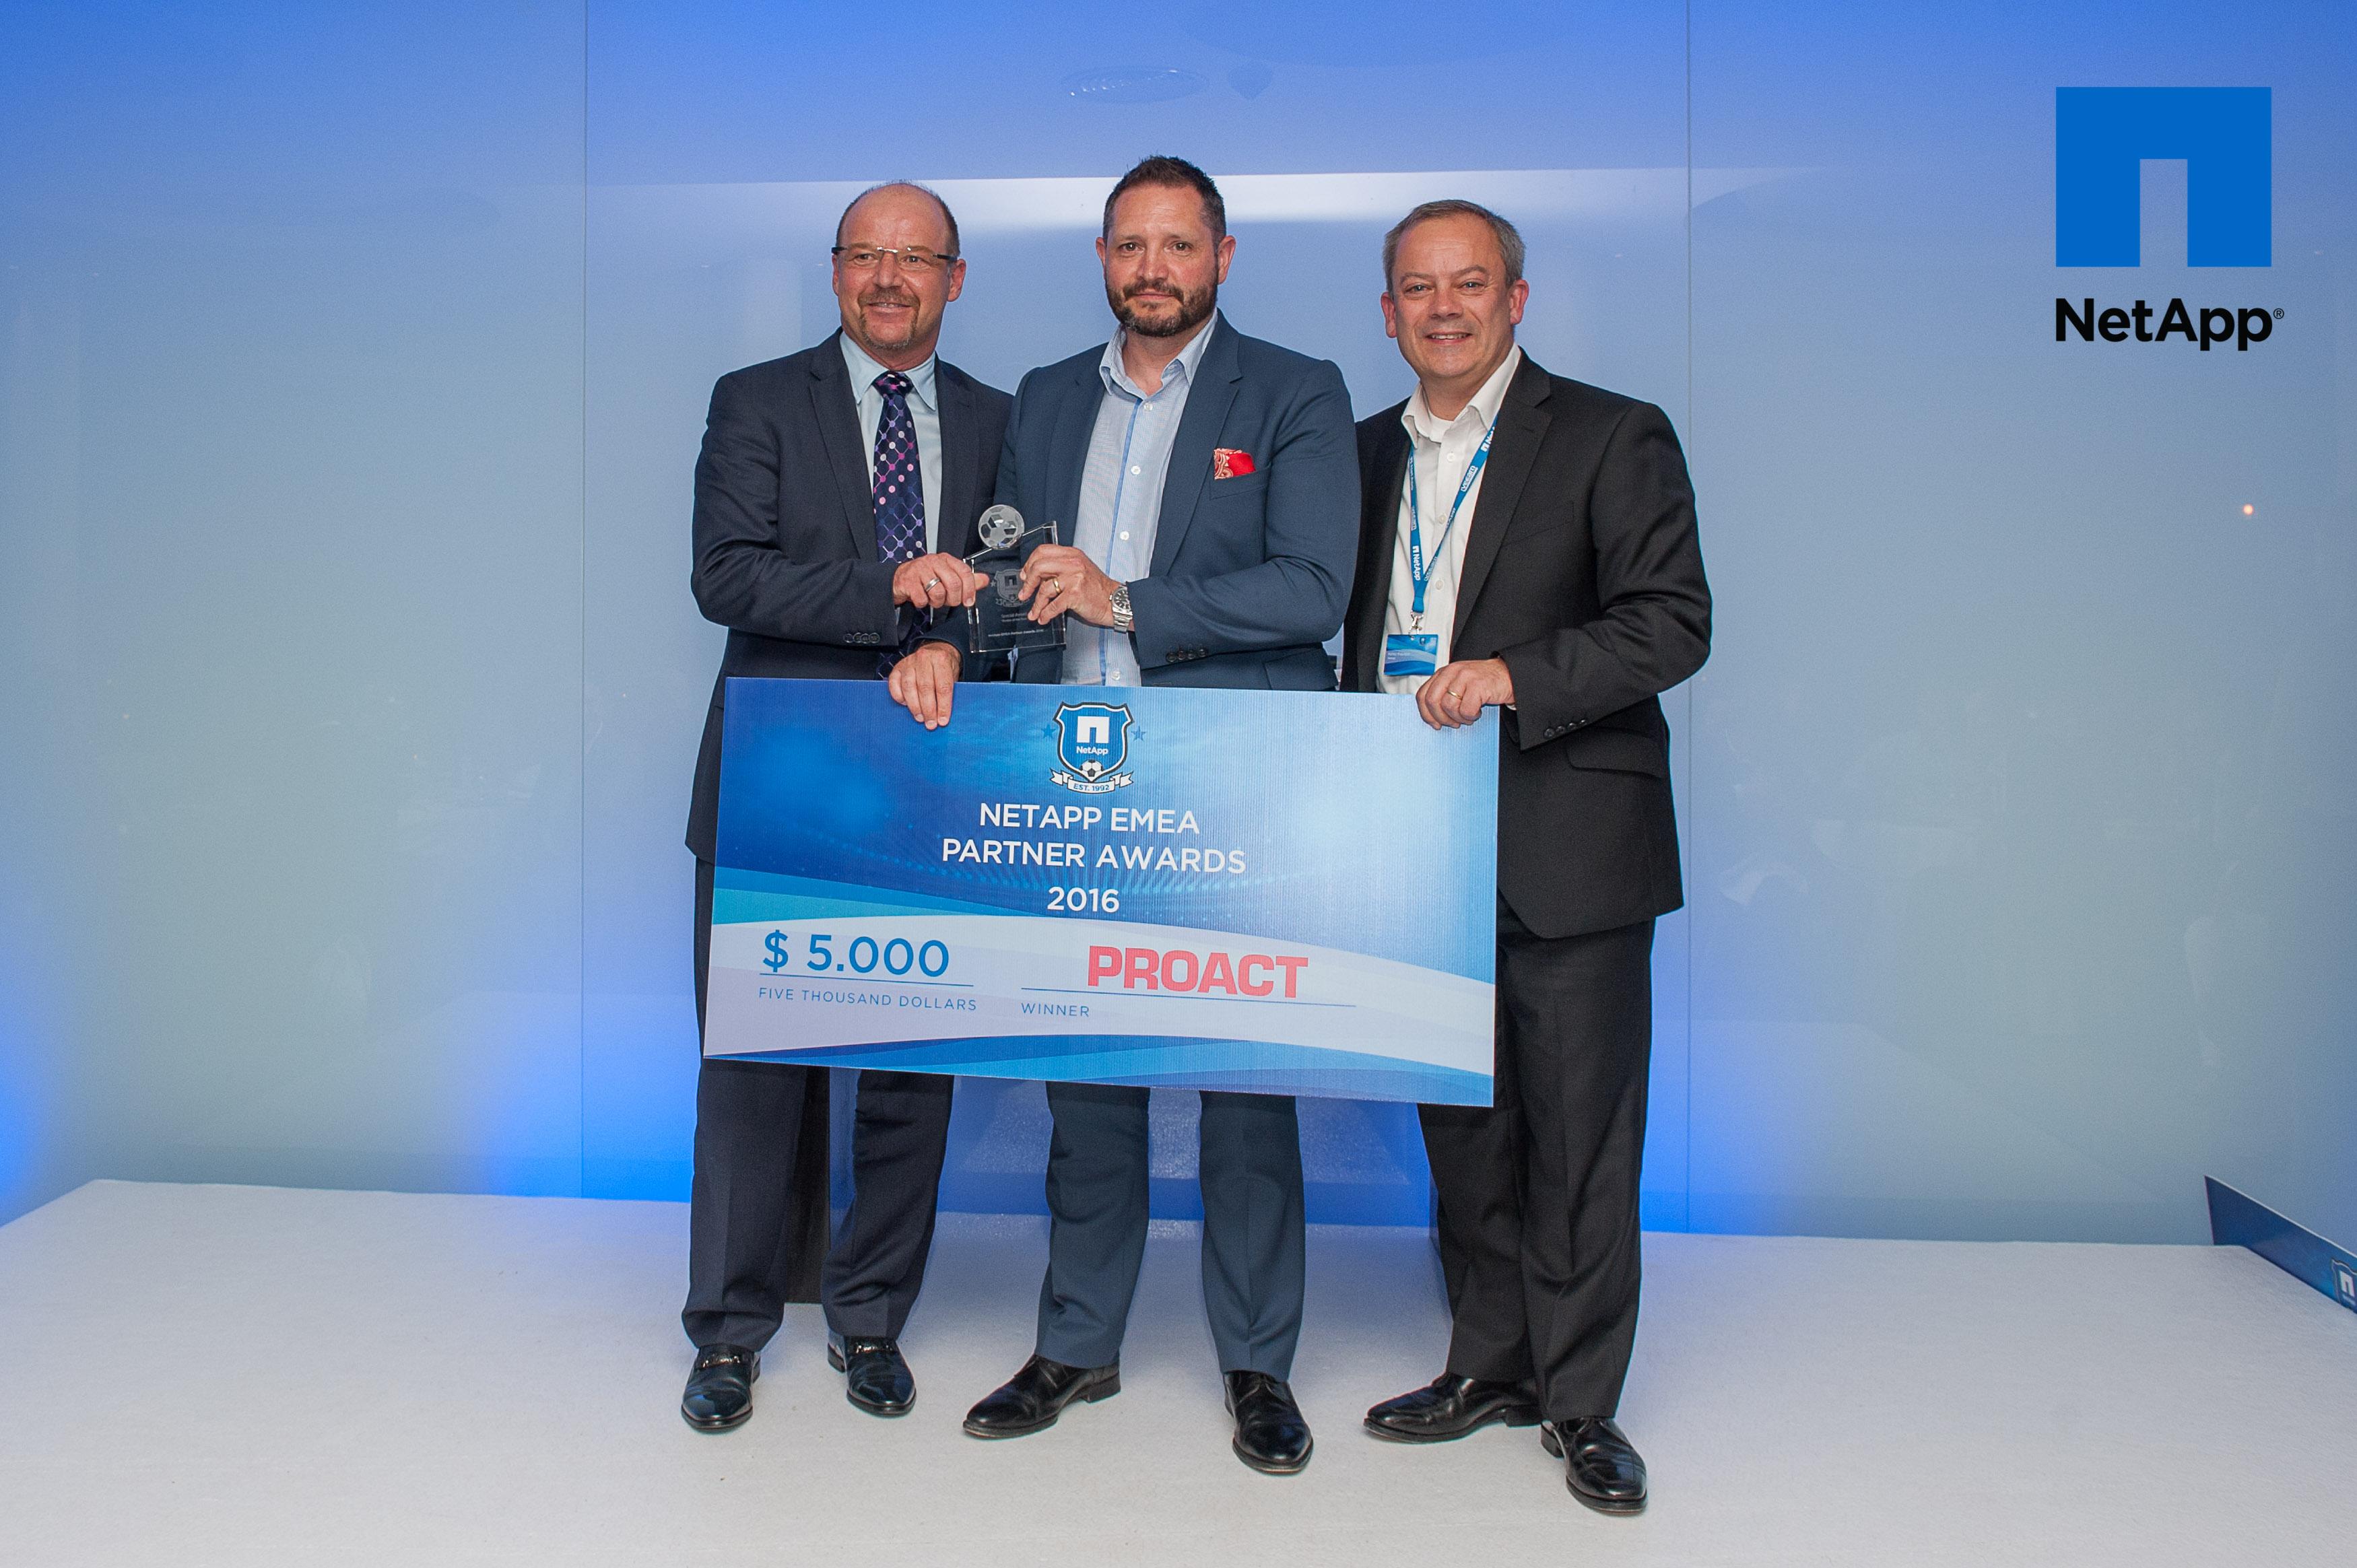 Proact-NetApp EMEA Data Fabric Award